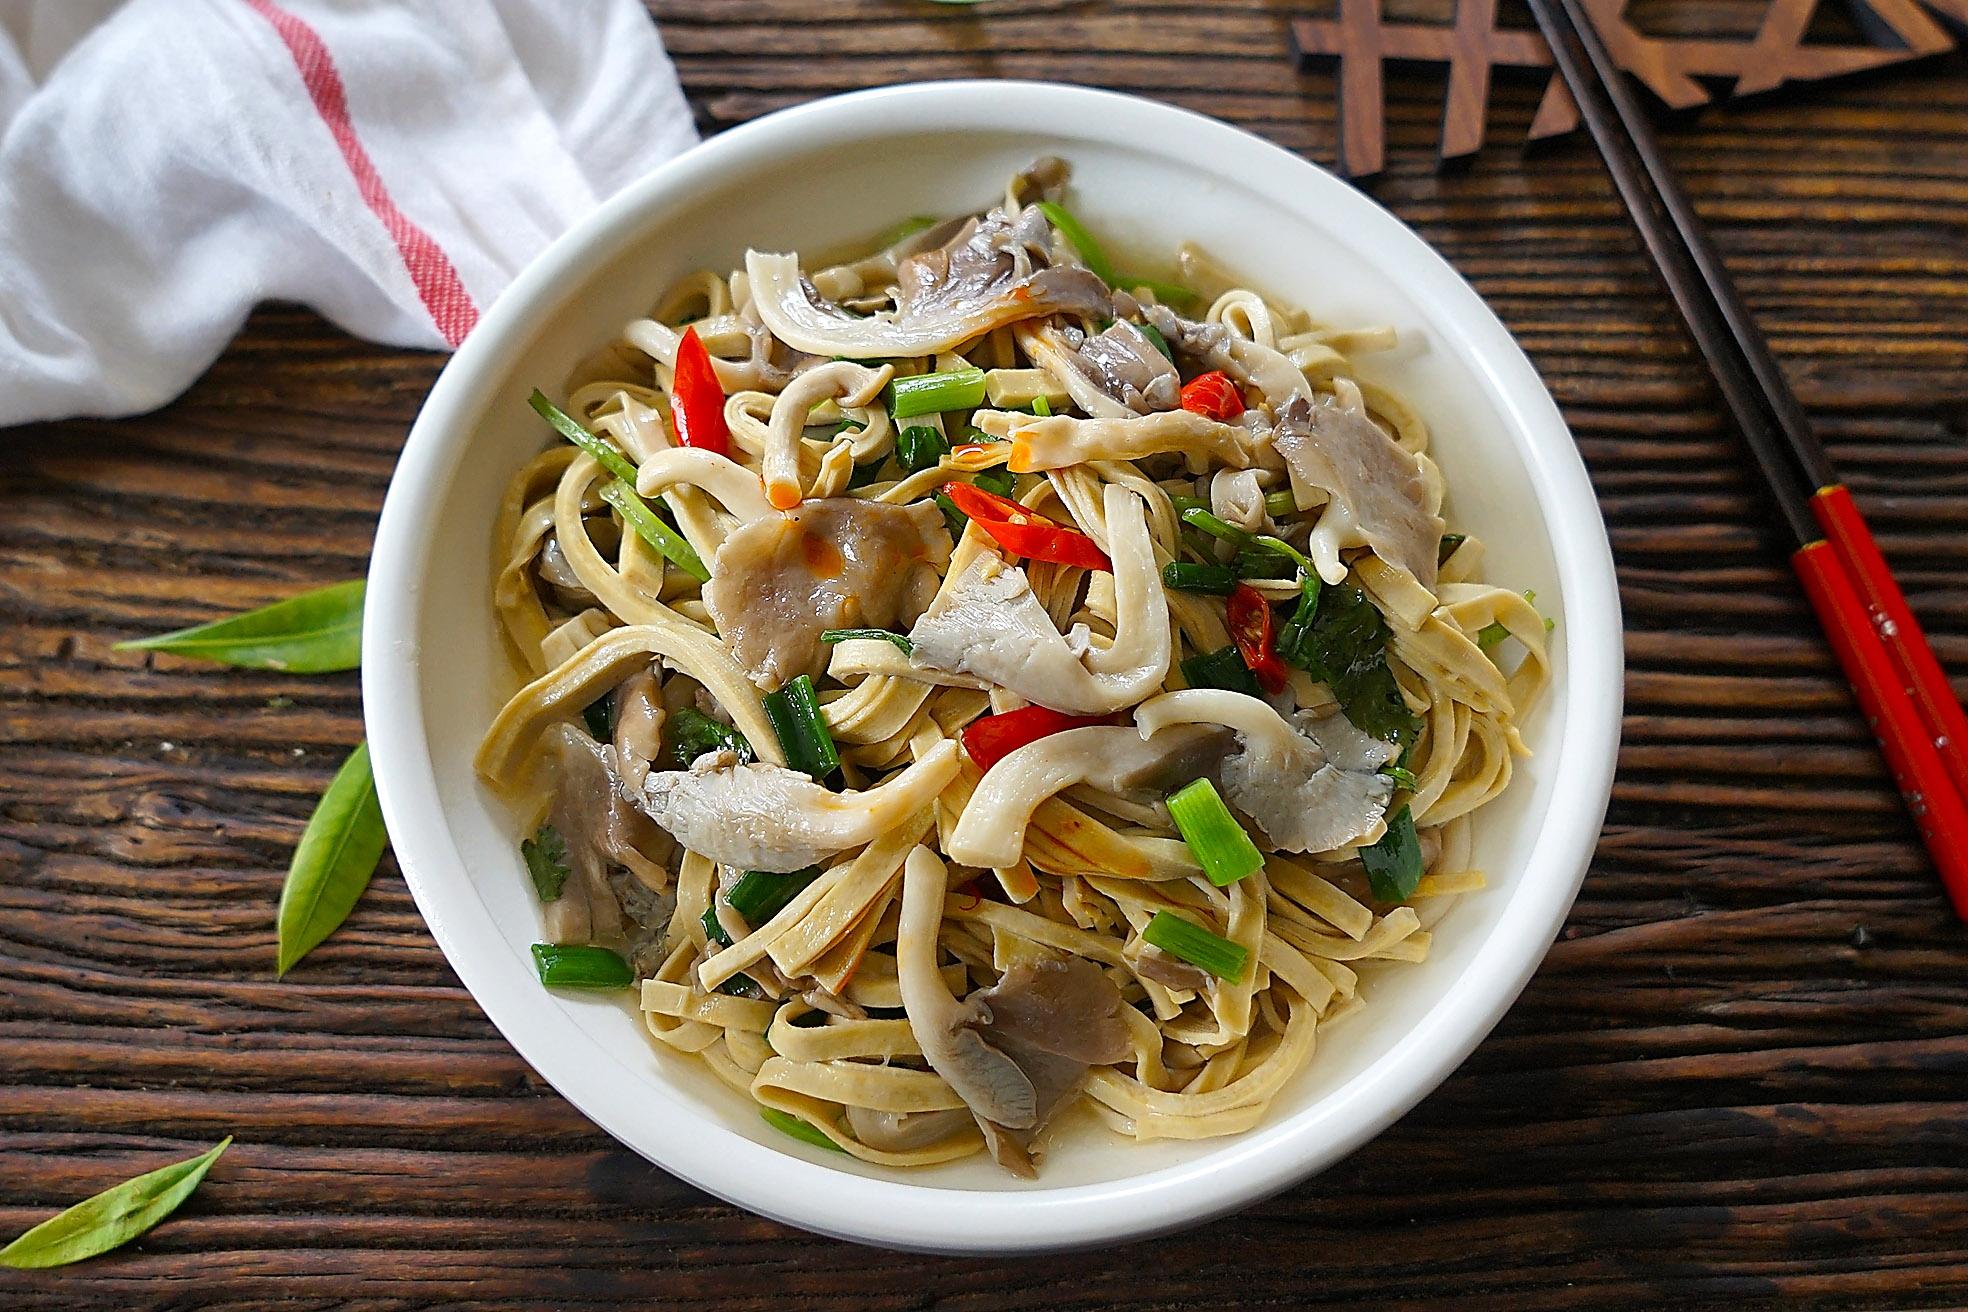 用它和平菇简单炖一炖,暖胃又提高免疫力,入秋龙虾腌啤酒图片